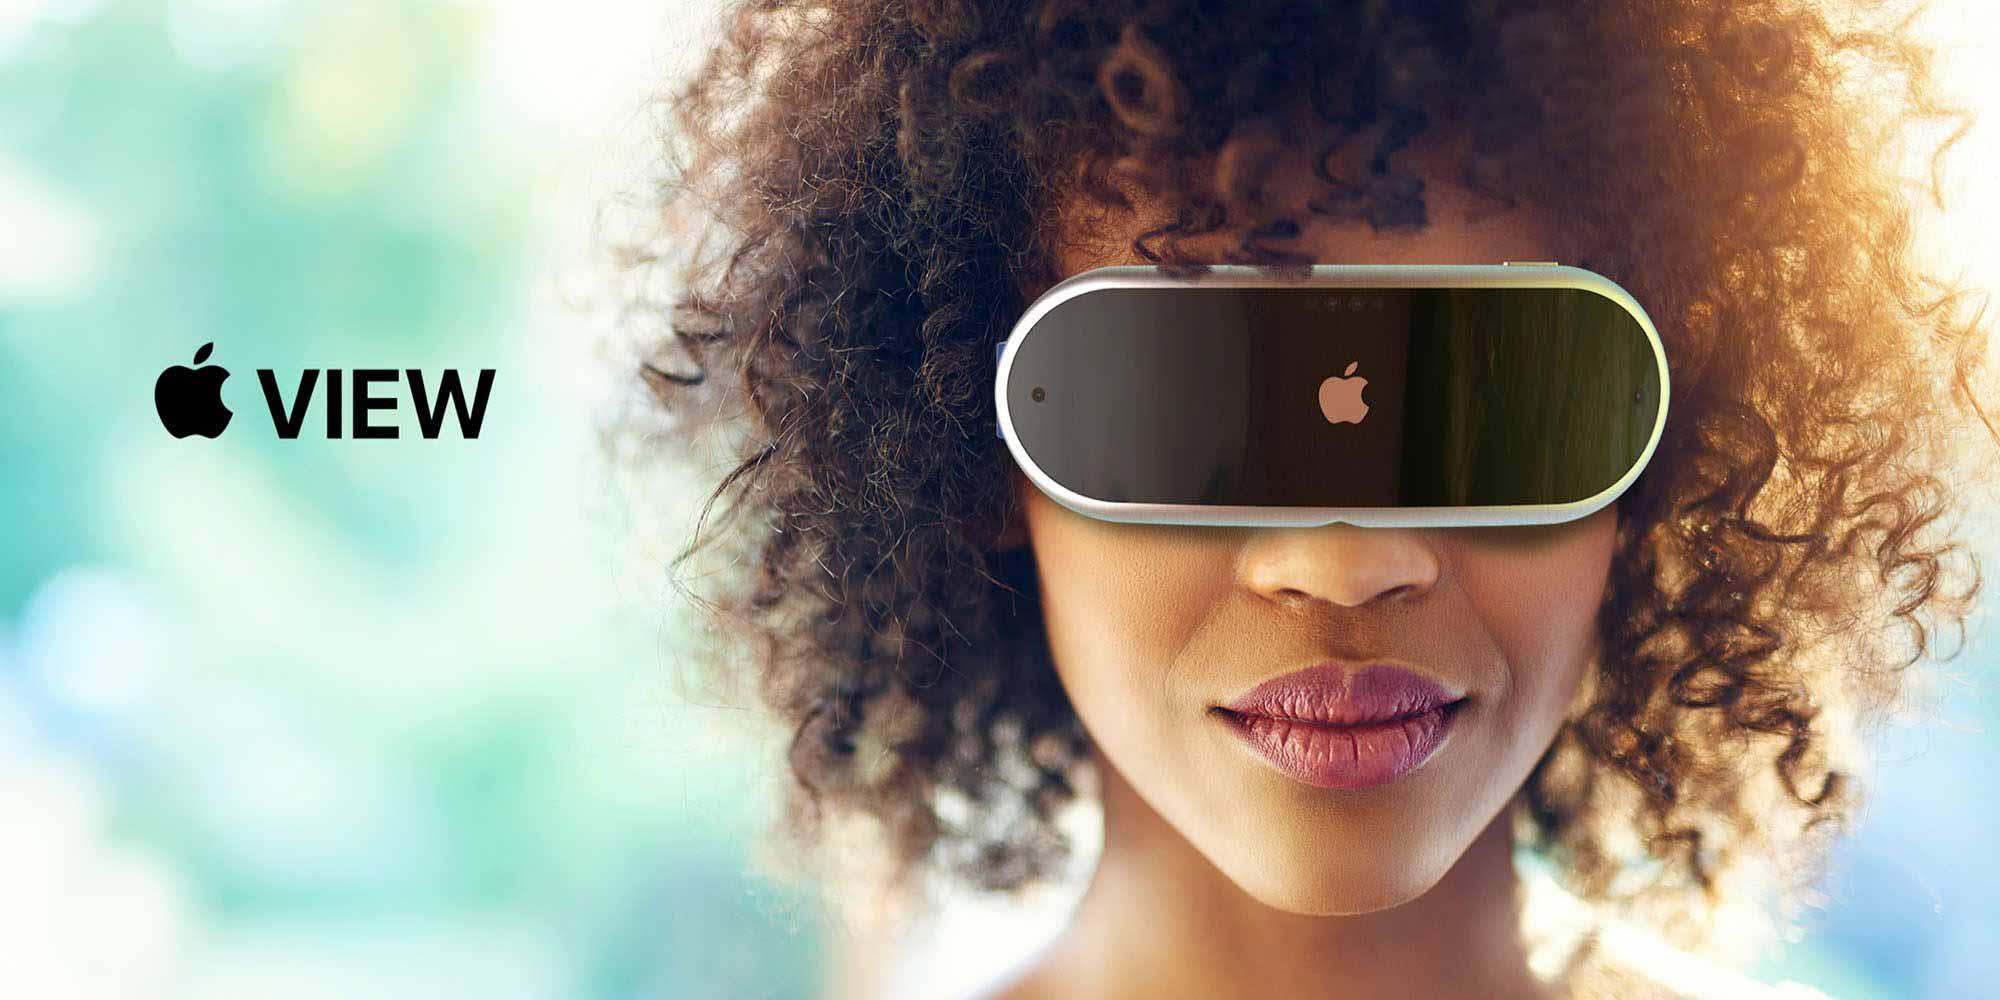 Как может выглядеть гарнитура Apple VR: AR